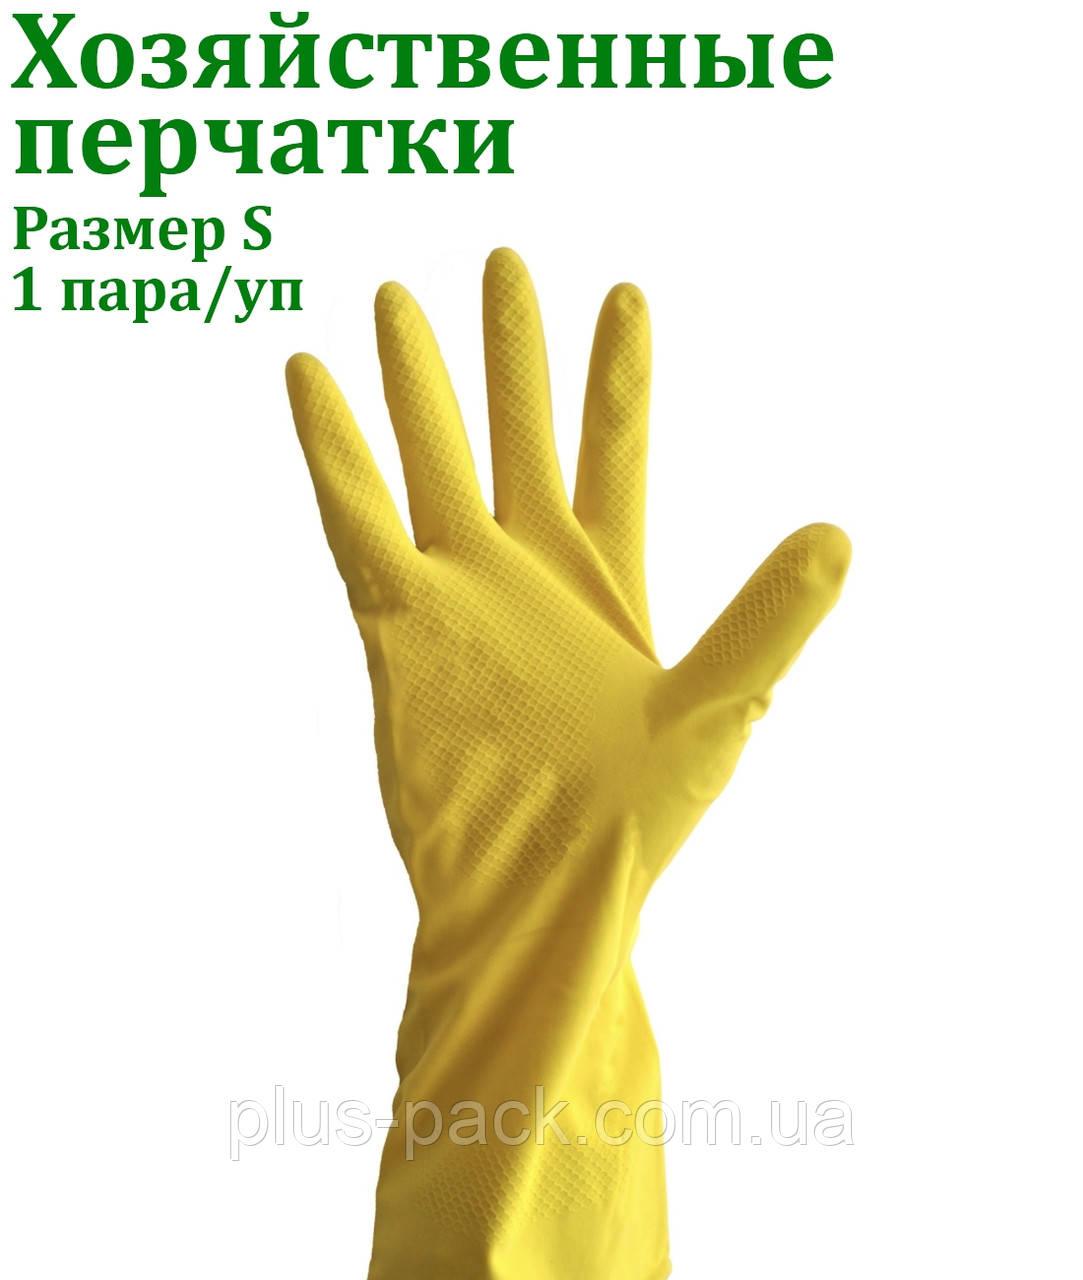 Перчатки хозяйственные, размер S. 1 пара/уп PROservice